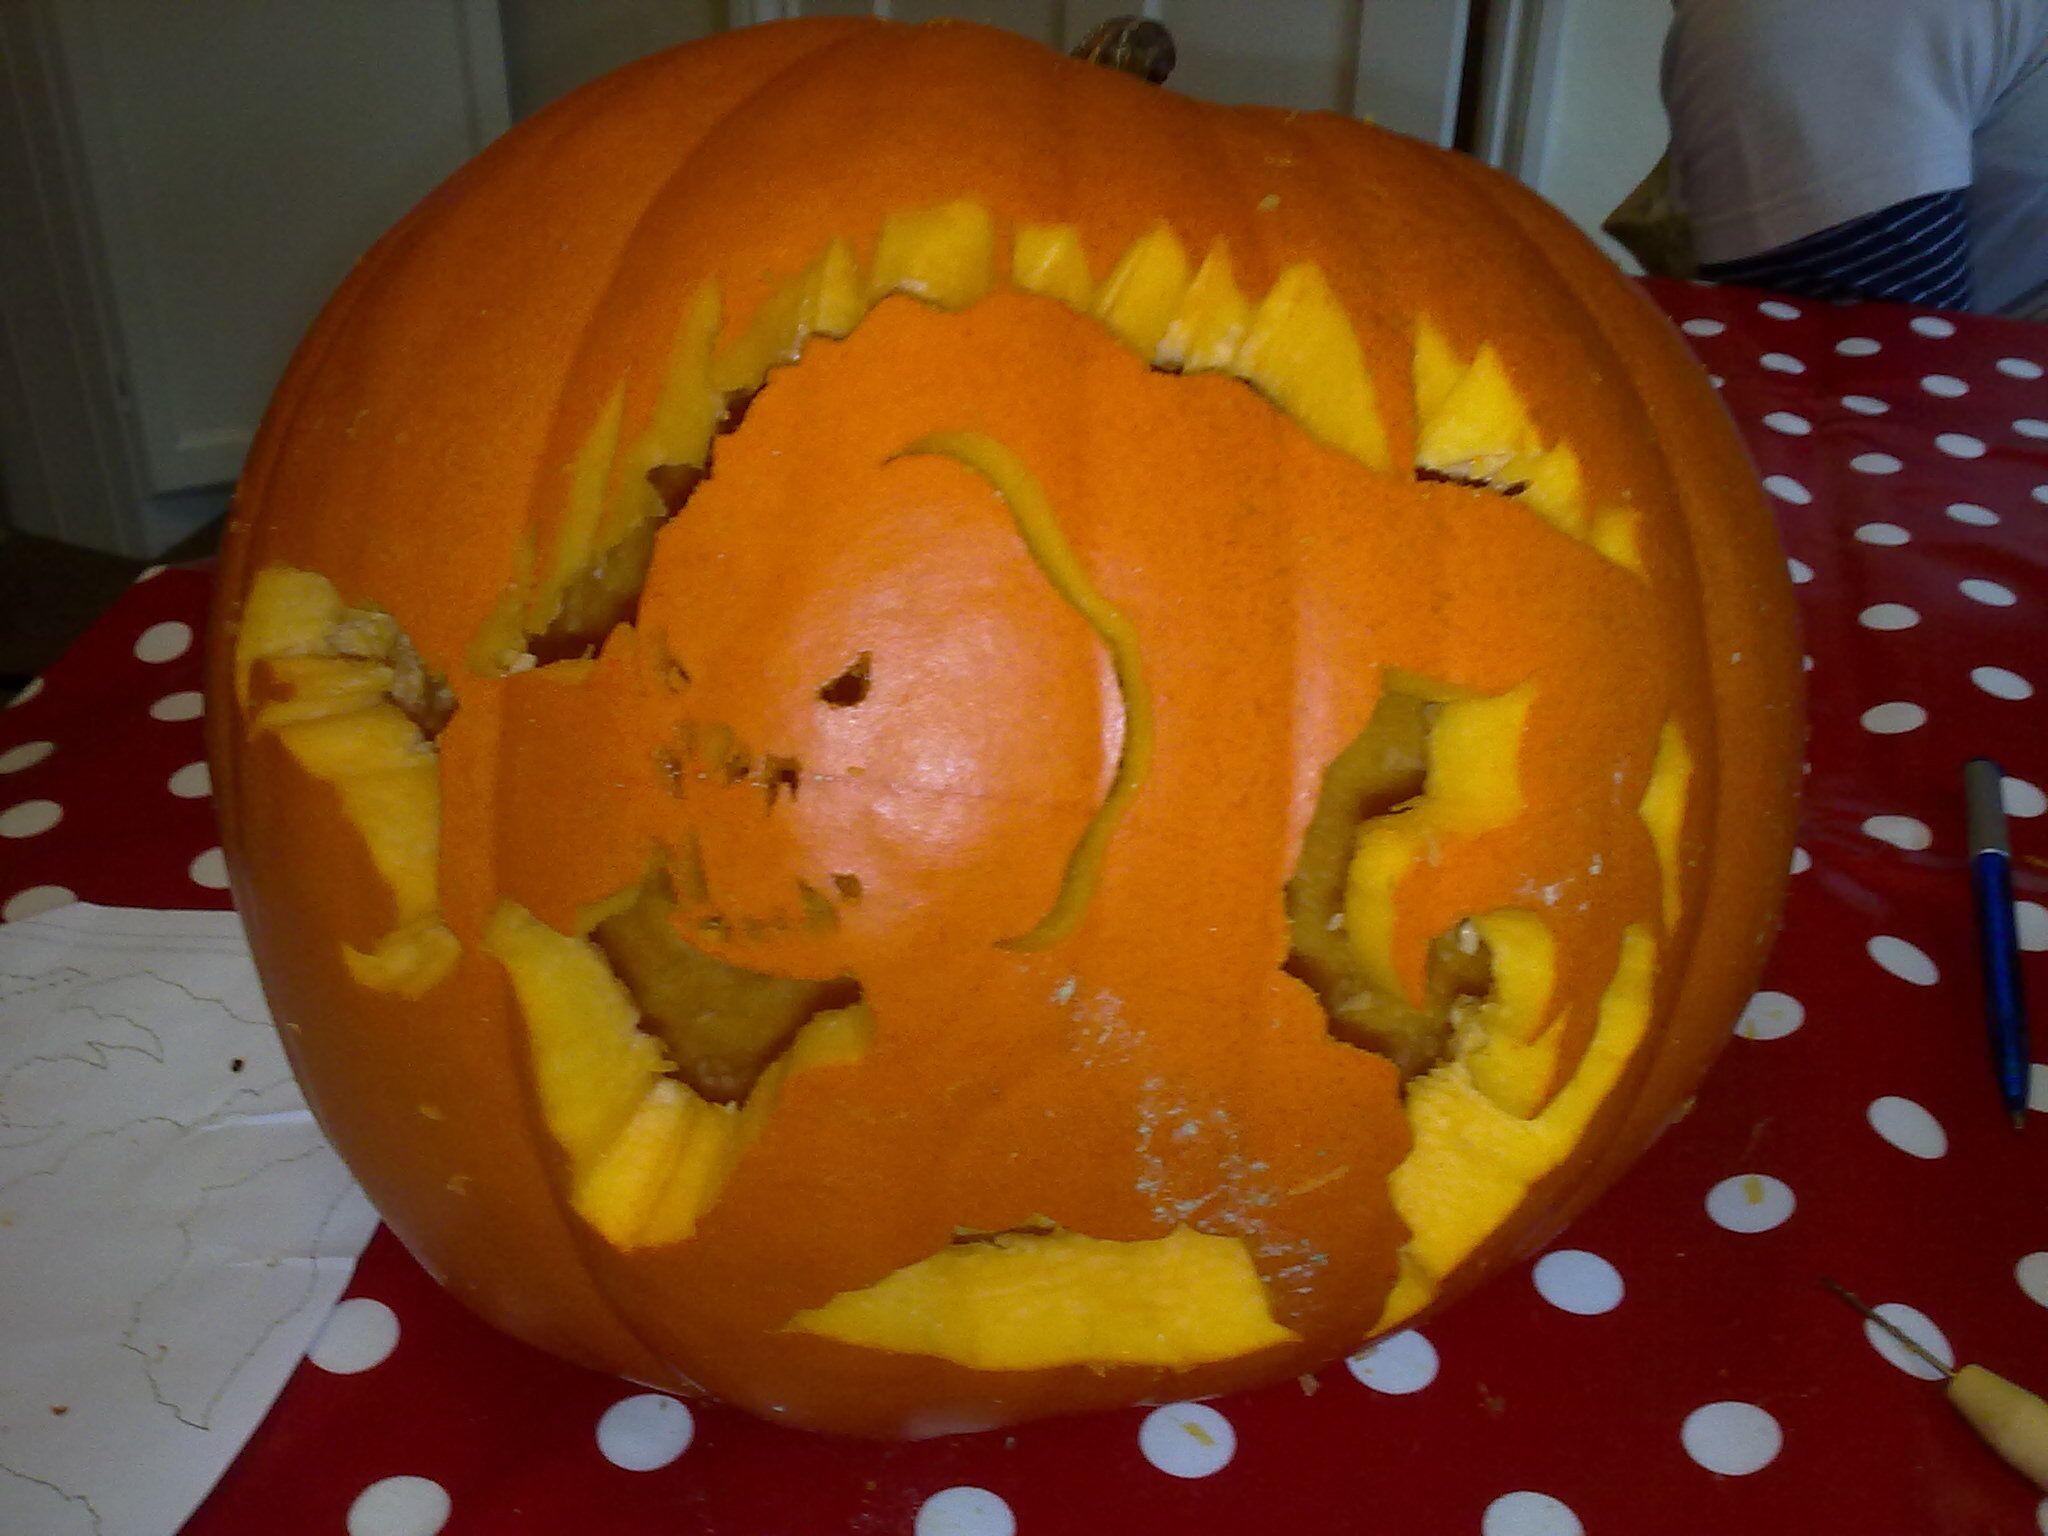 Rancor Pumpkin Made For Amy, A Star Wars Fan Design